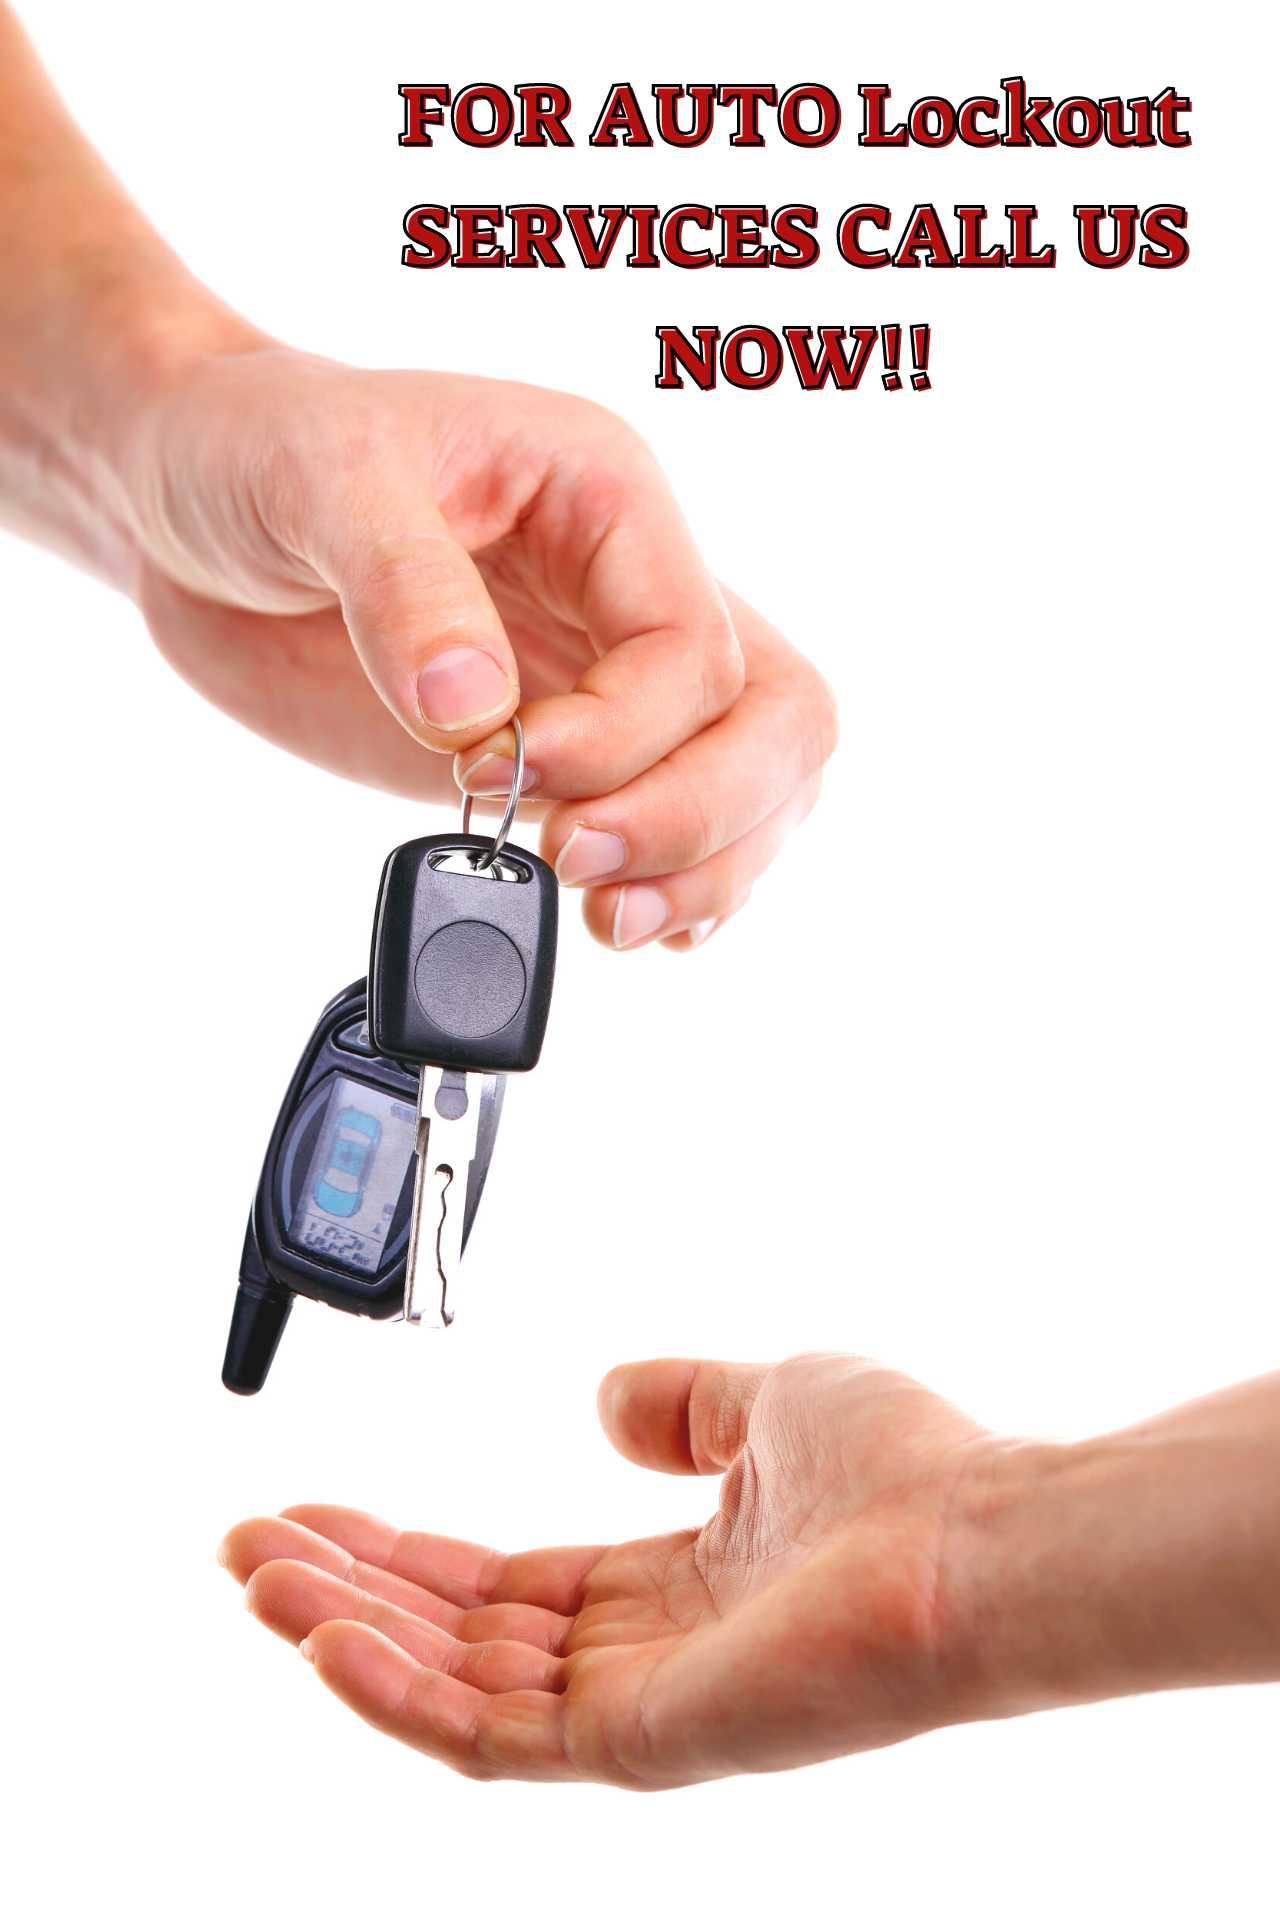 Auto Lockout Services southfield mi